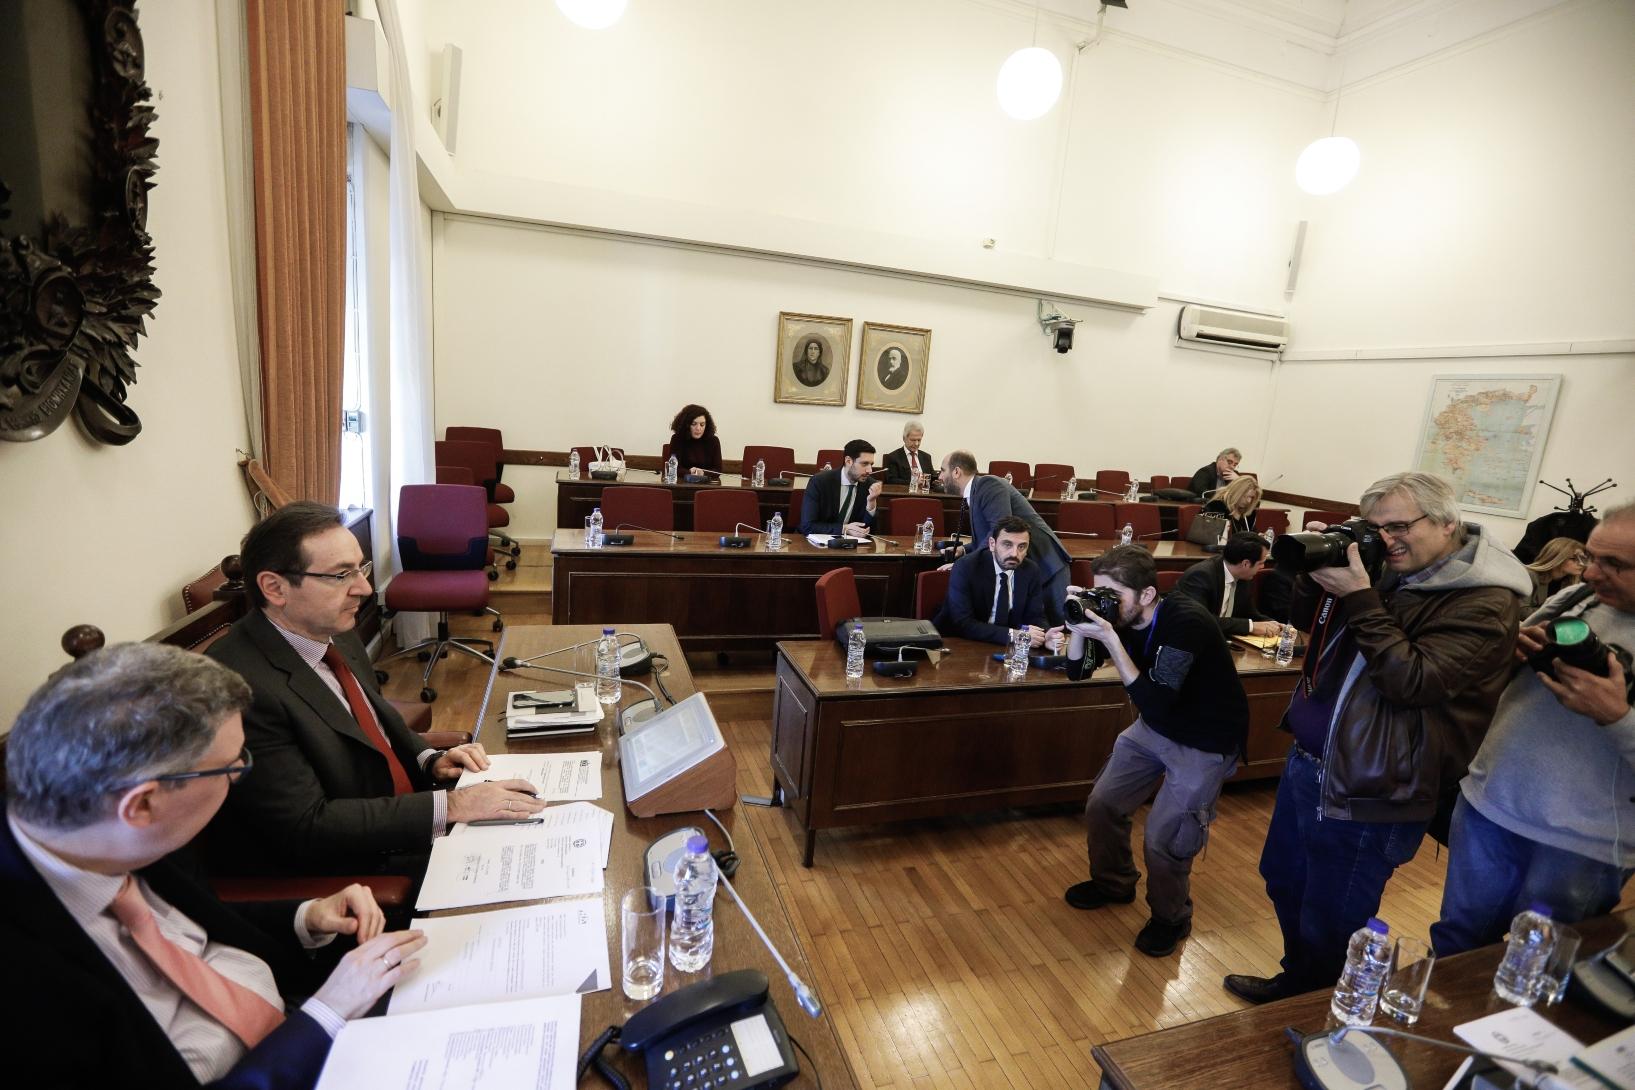 Κατάθεση Αθανασίου: Το τρίτο εισαγγελικό χτύπημα «δείχνει» παραπομπή Παπαγγελόπουλου – Το «μήνυμα» του πρώην υπουργού